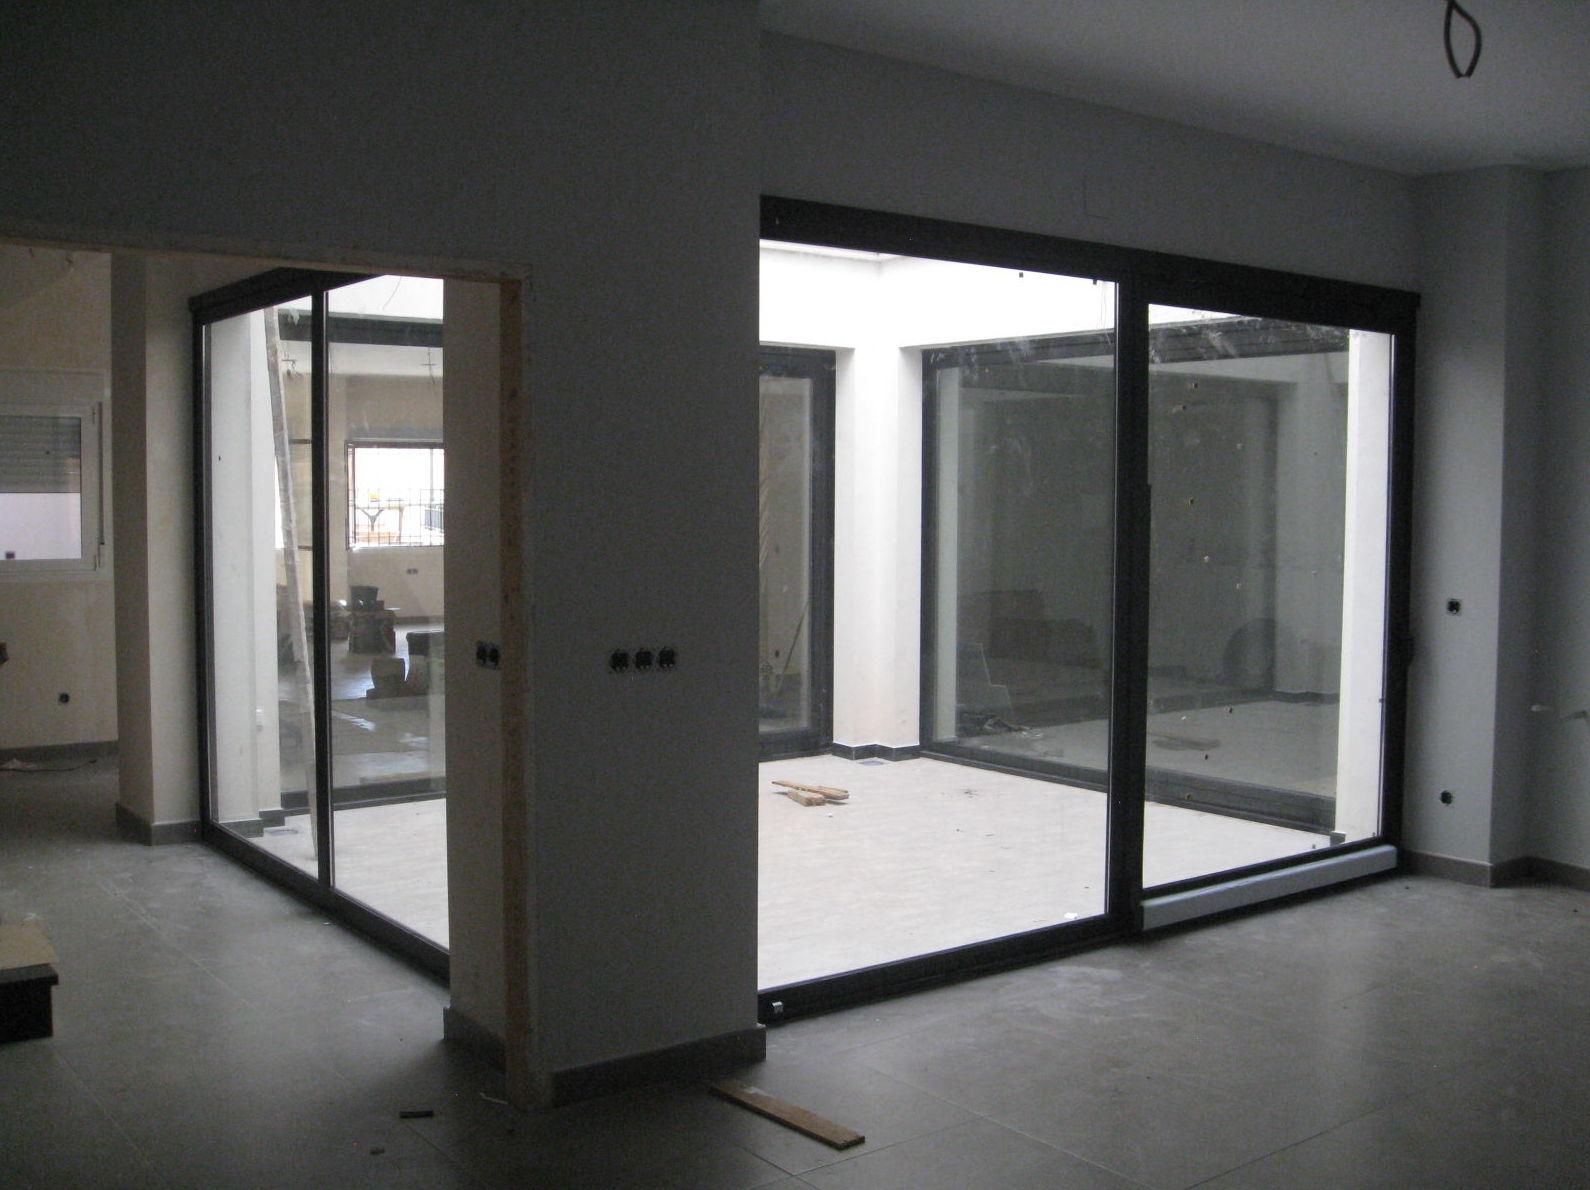 Vista de cerramiento acristalado de un patio interior